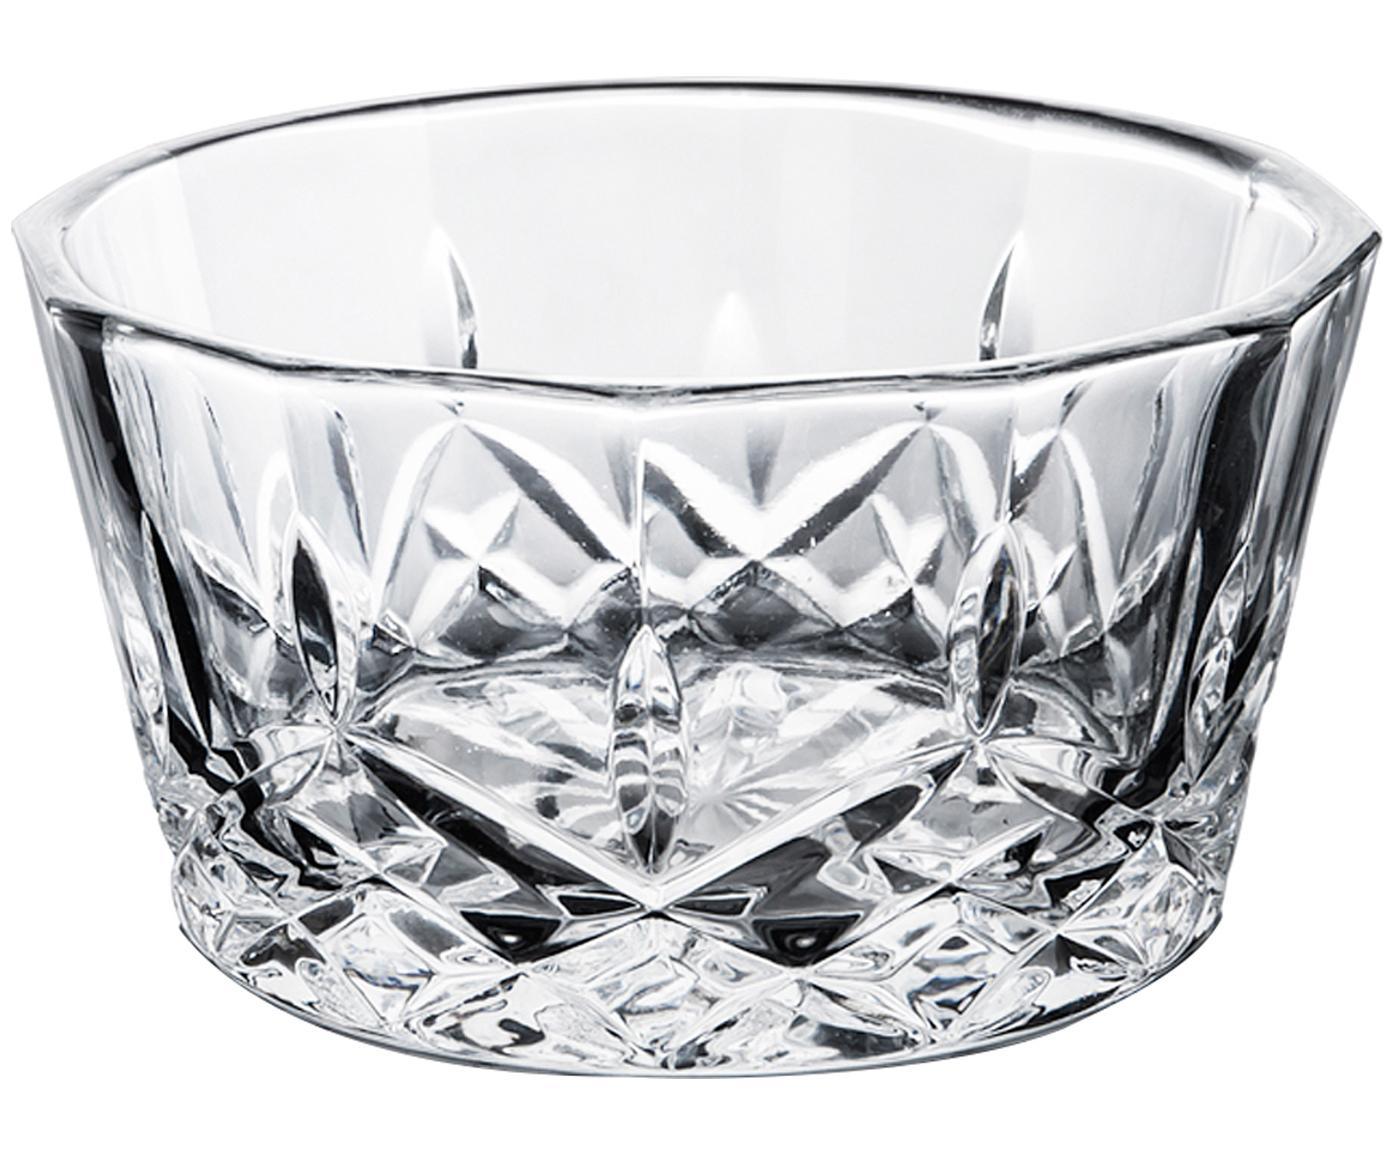 Dipschalen Harvey, 4 Stück, Glas, Transparent, Ø 11 x H 6 cm